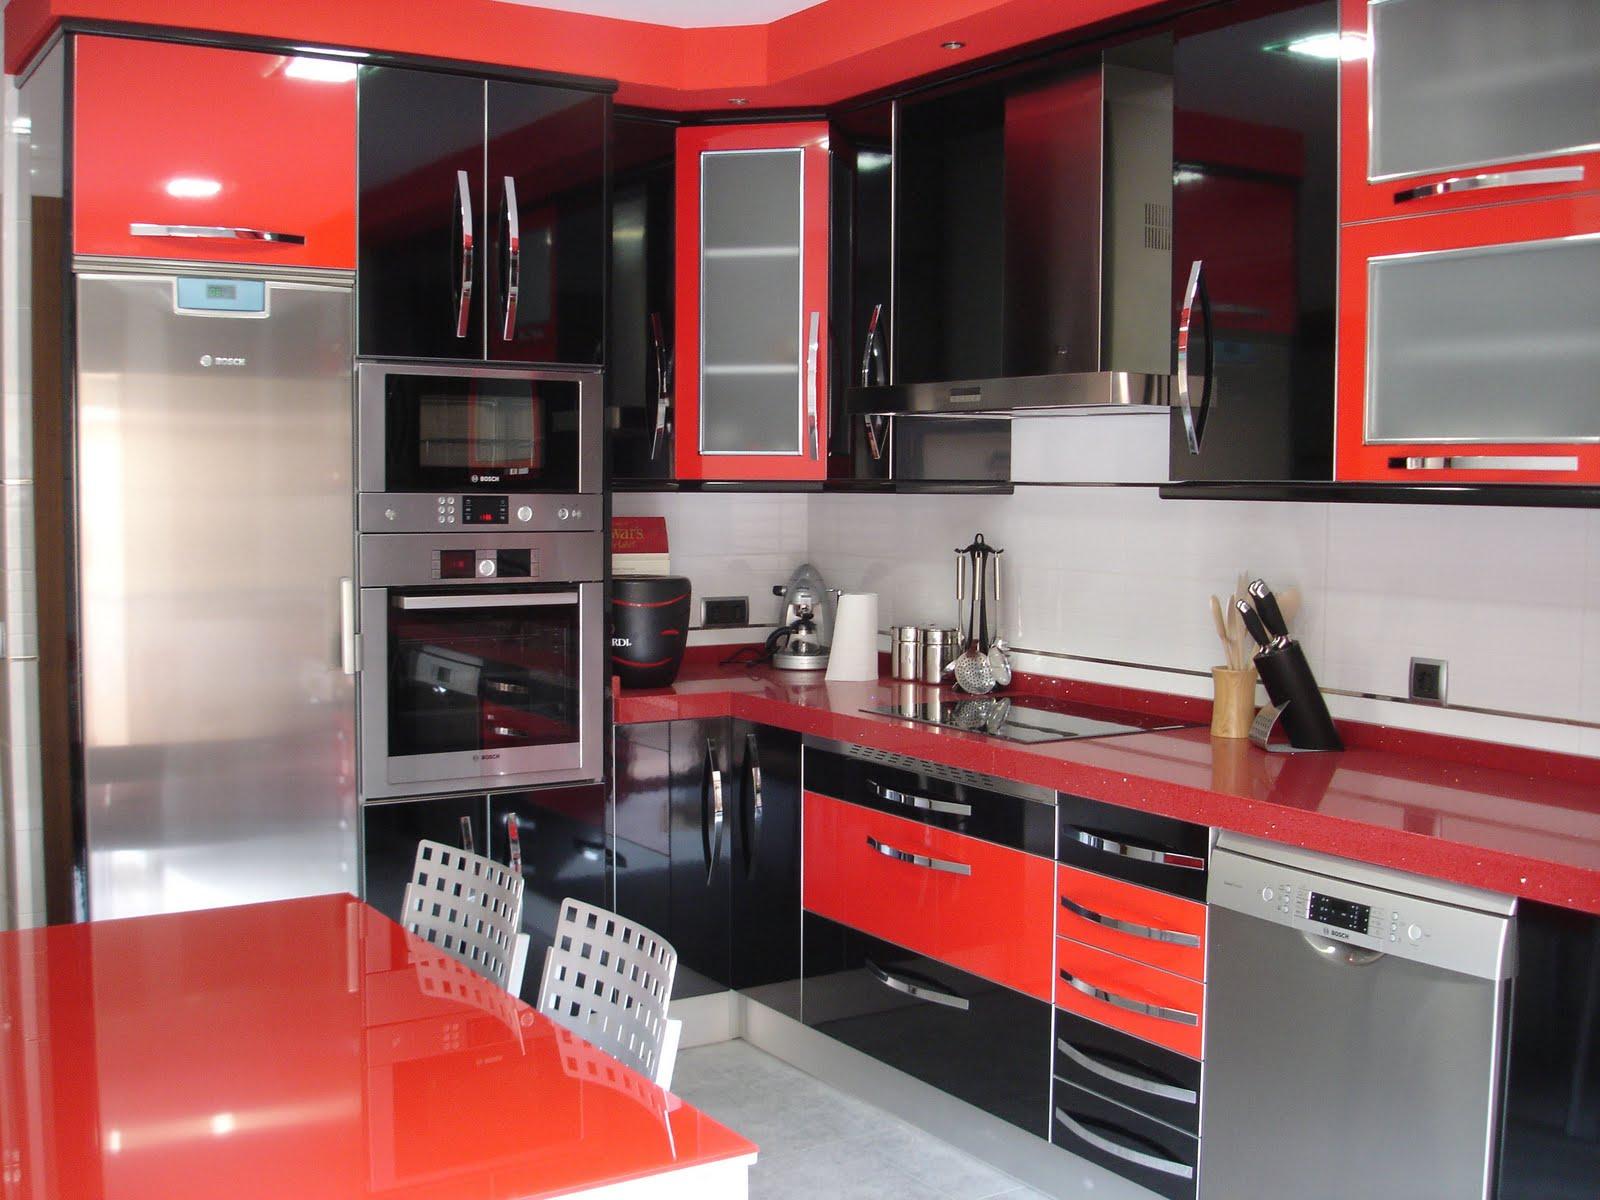 Mueblemina moderno mueble de cocina for Cocinas de melamina modernos